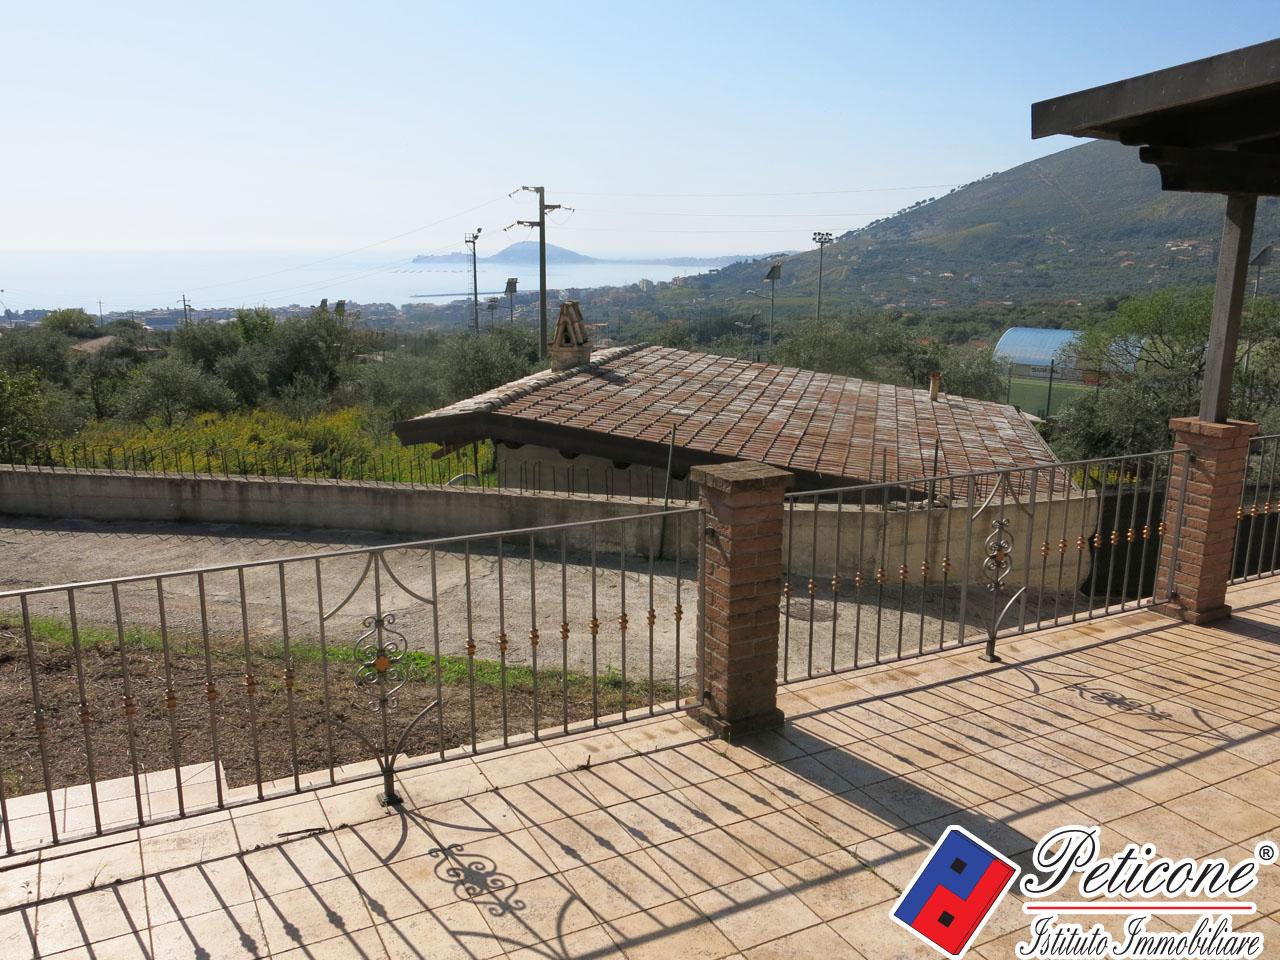 Villa in Vendita a Formia: 4 locali, 90 mq - Foto 14